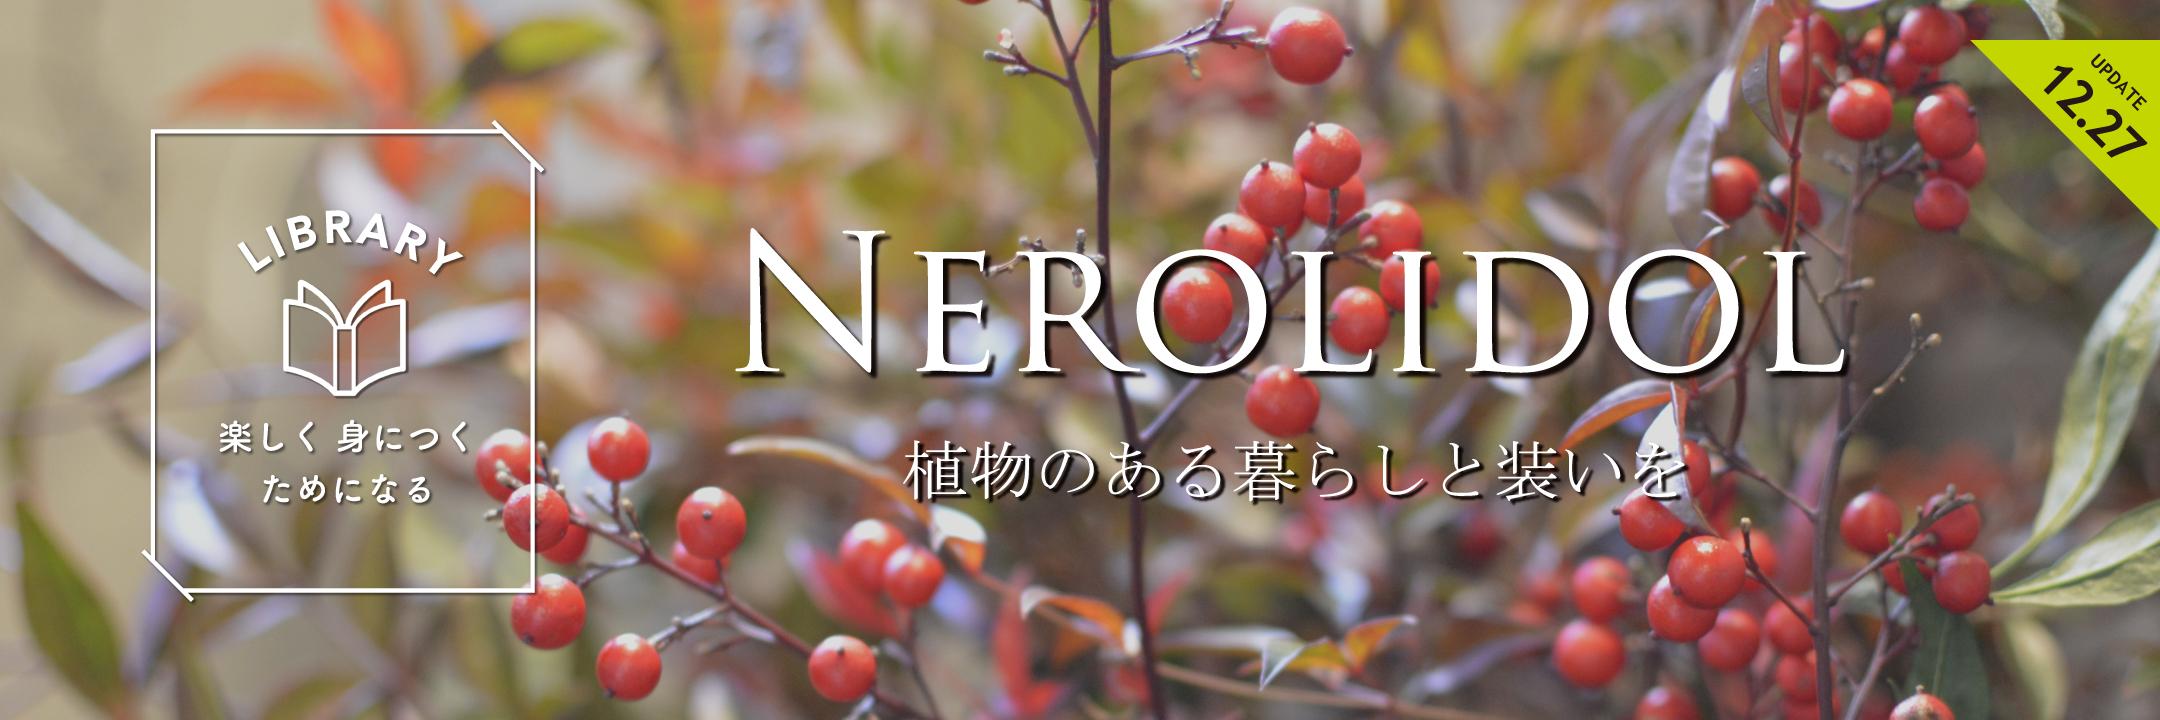 NEROLIDOL12